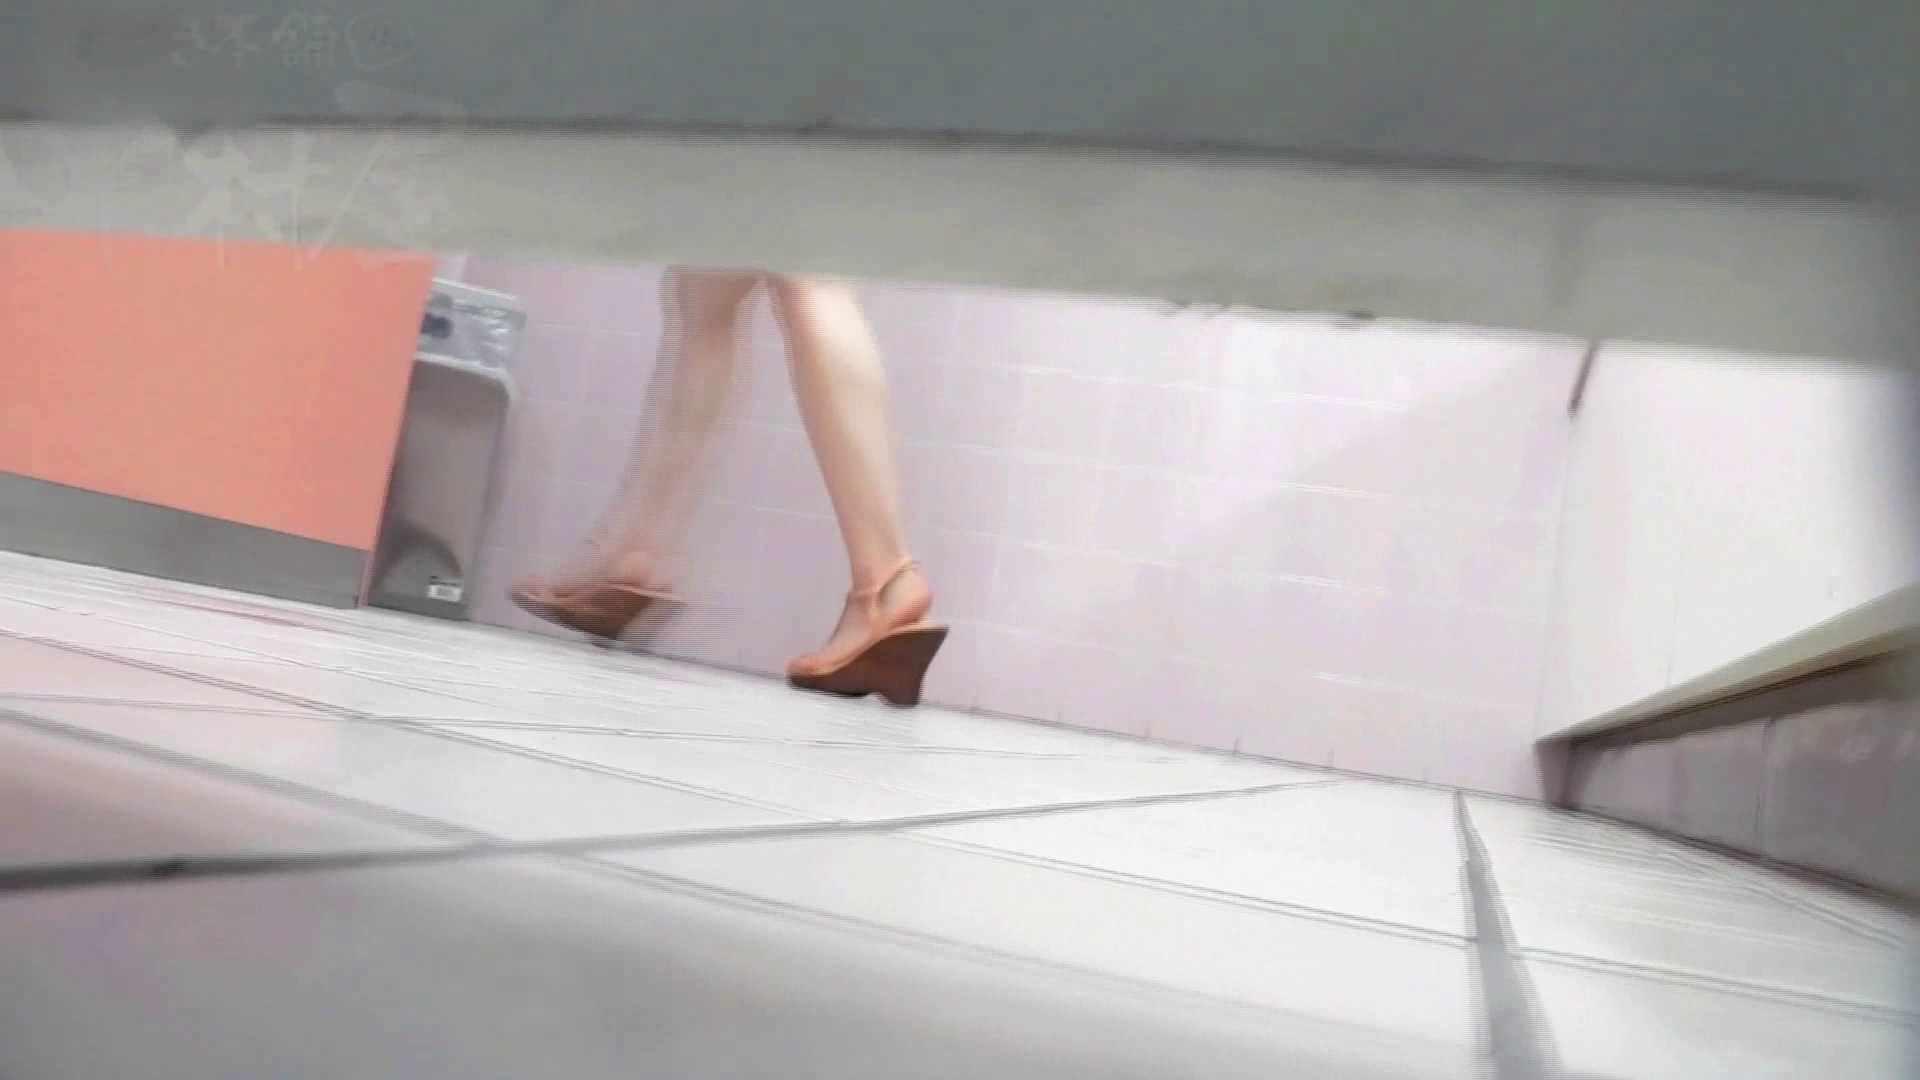 美しい日本の未来 No.17 番外編 ※※※閲覧注意※※※ 排泄特集 ヌード画像 11枚 5